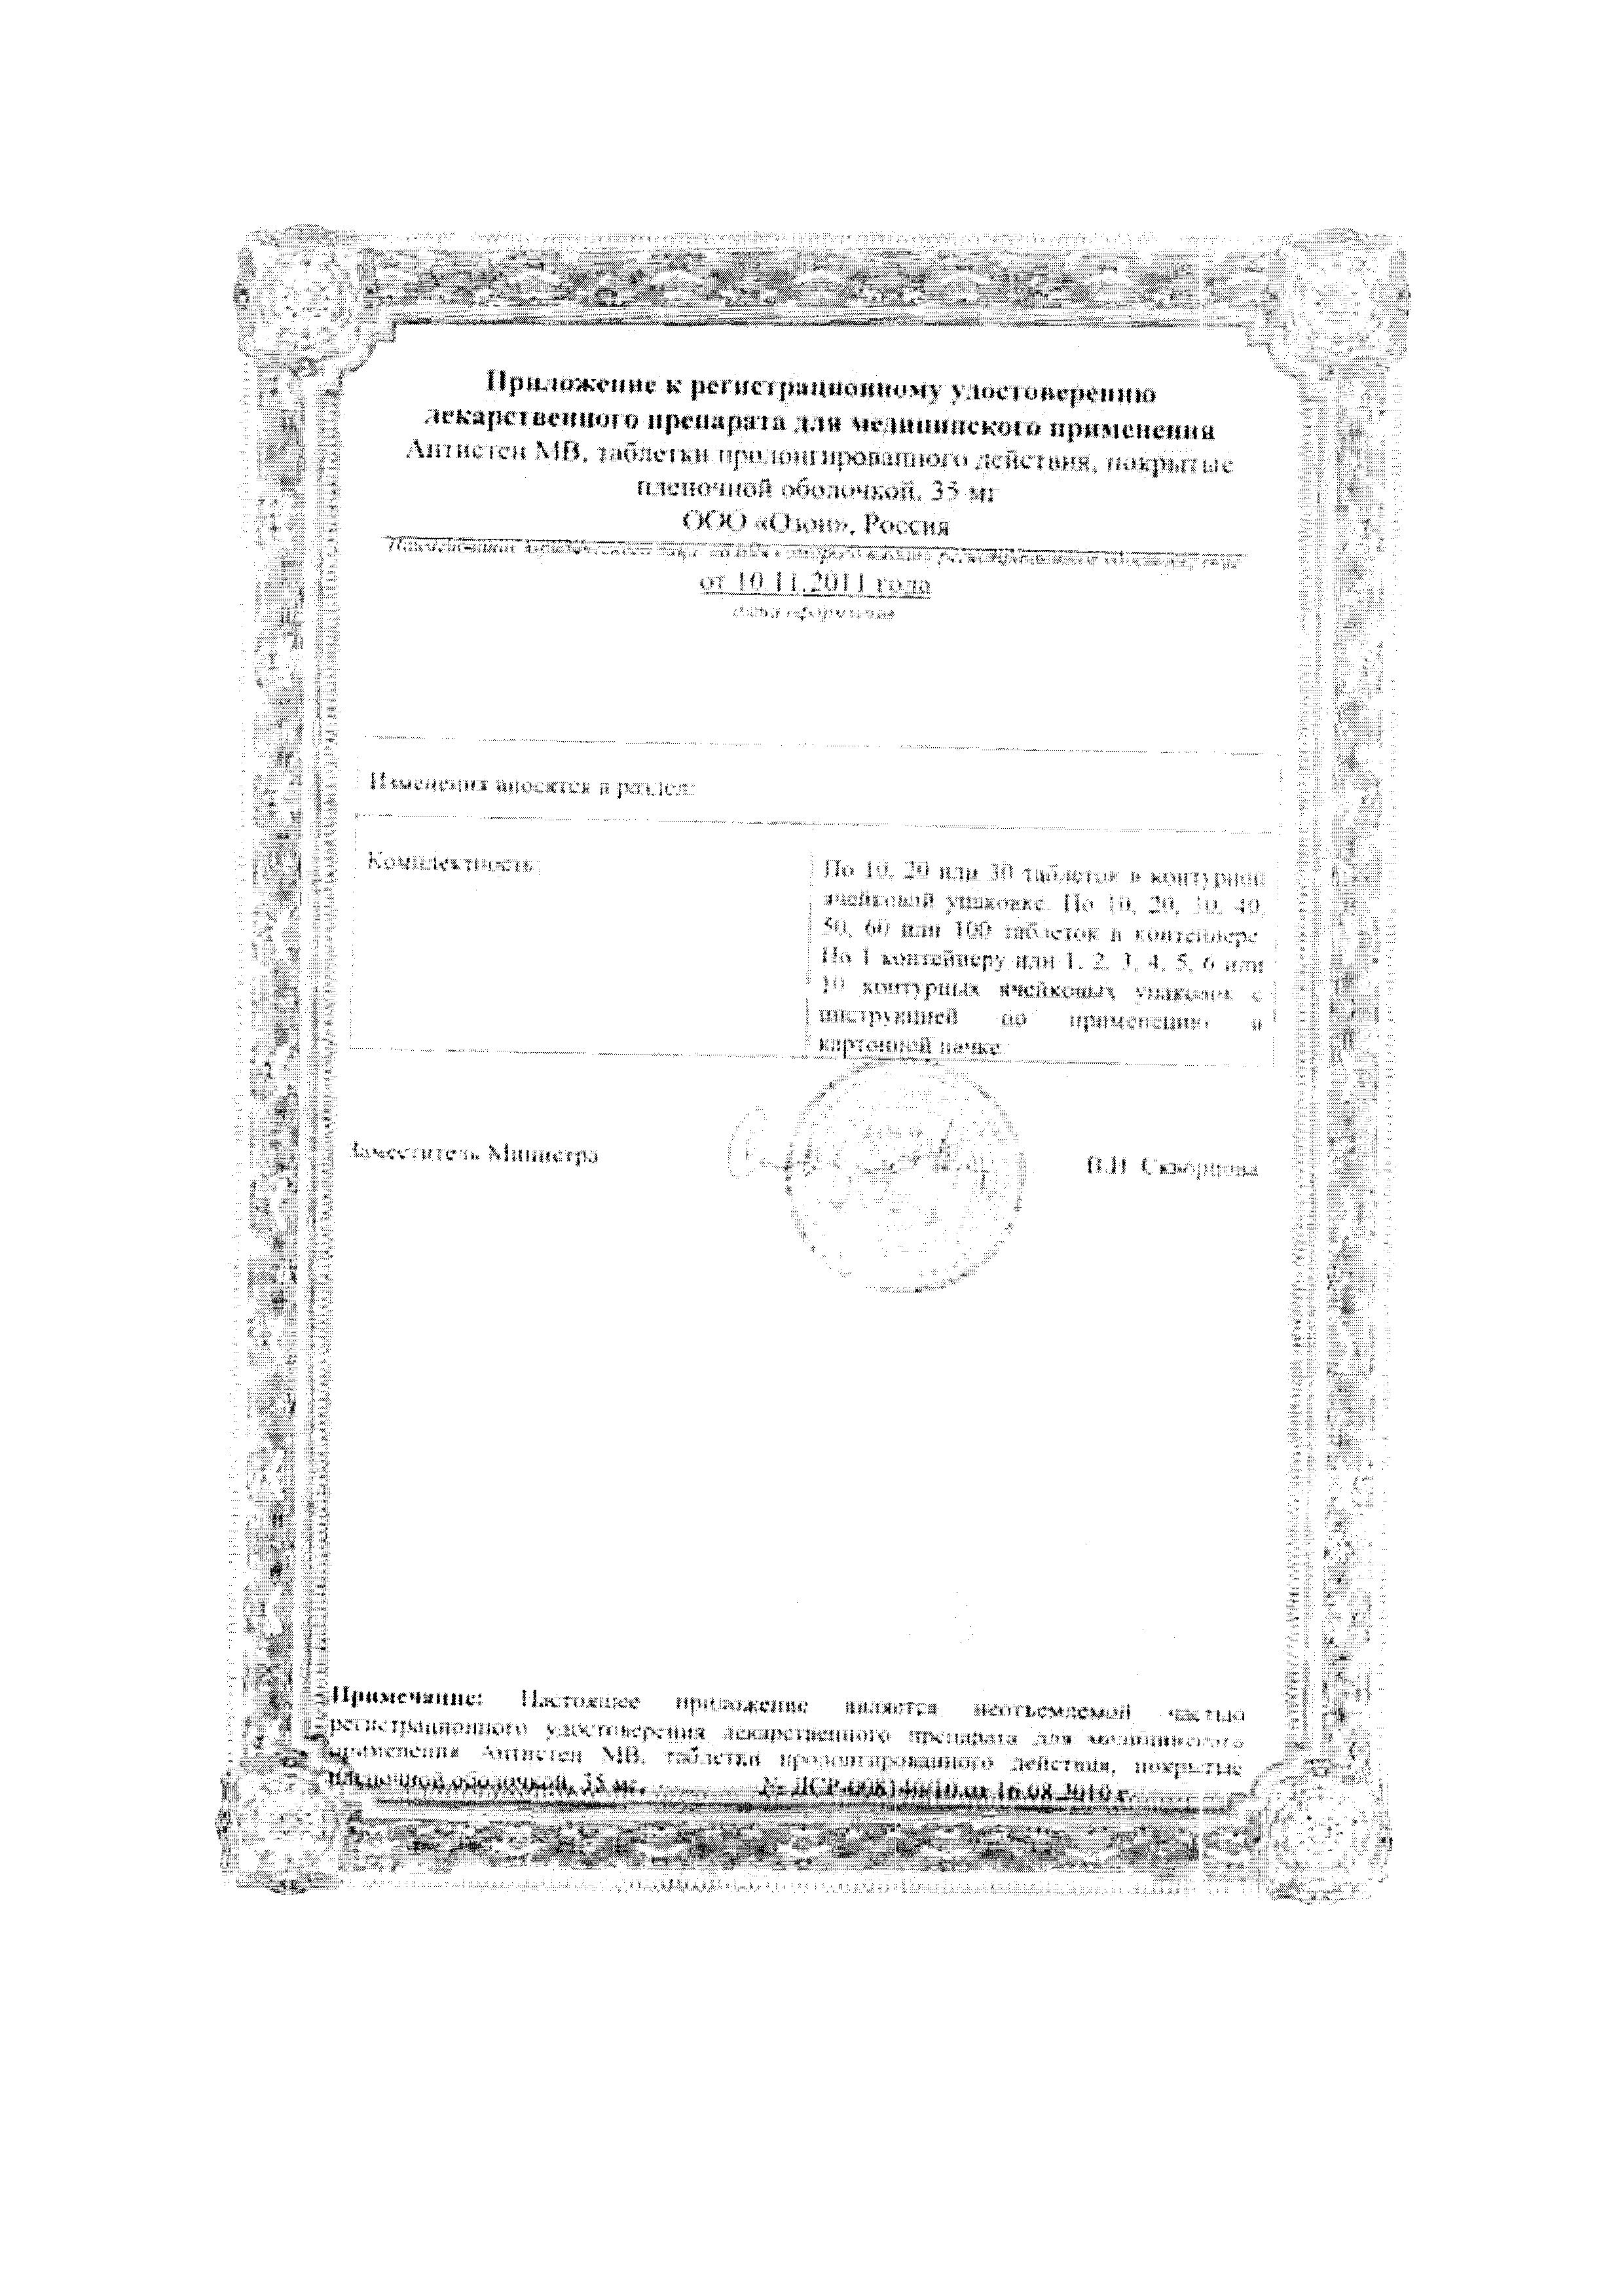 Антистен МВ сертификат